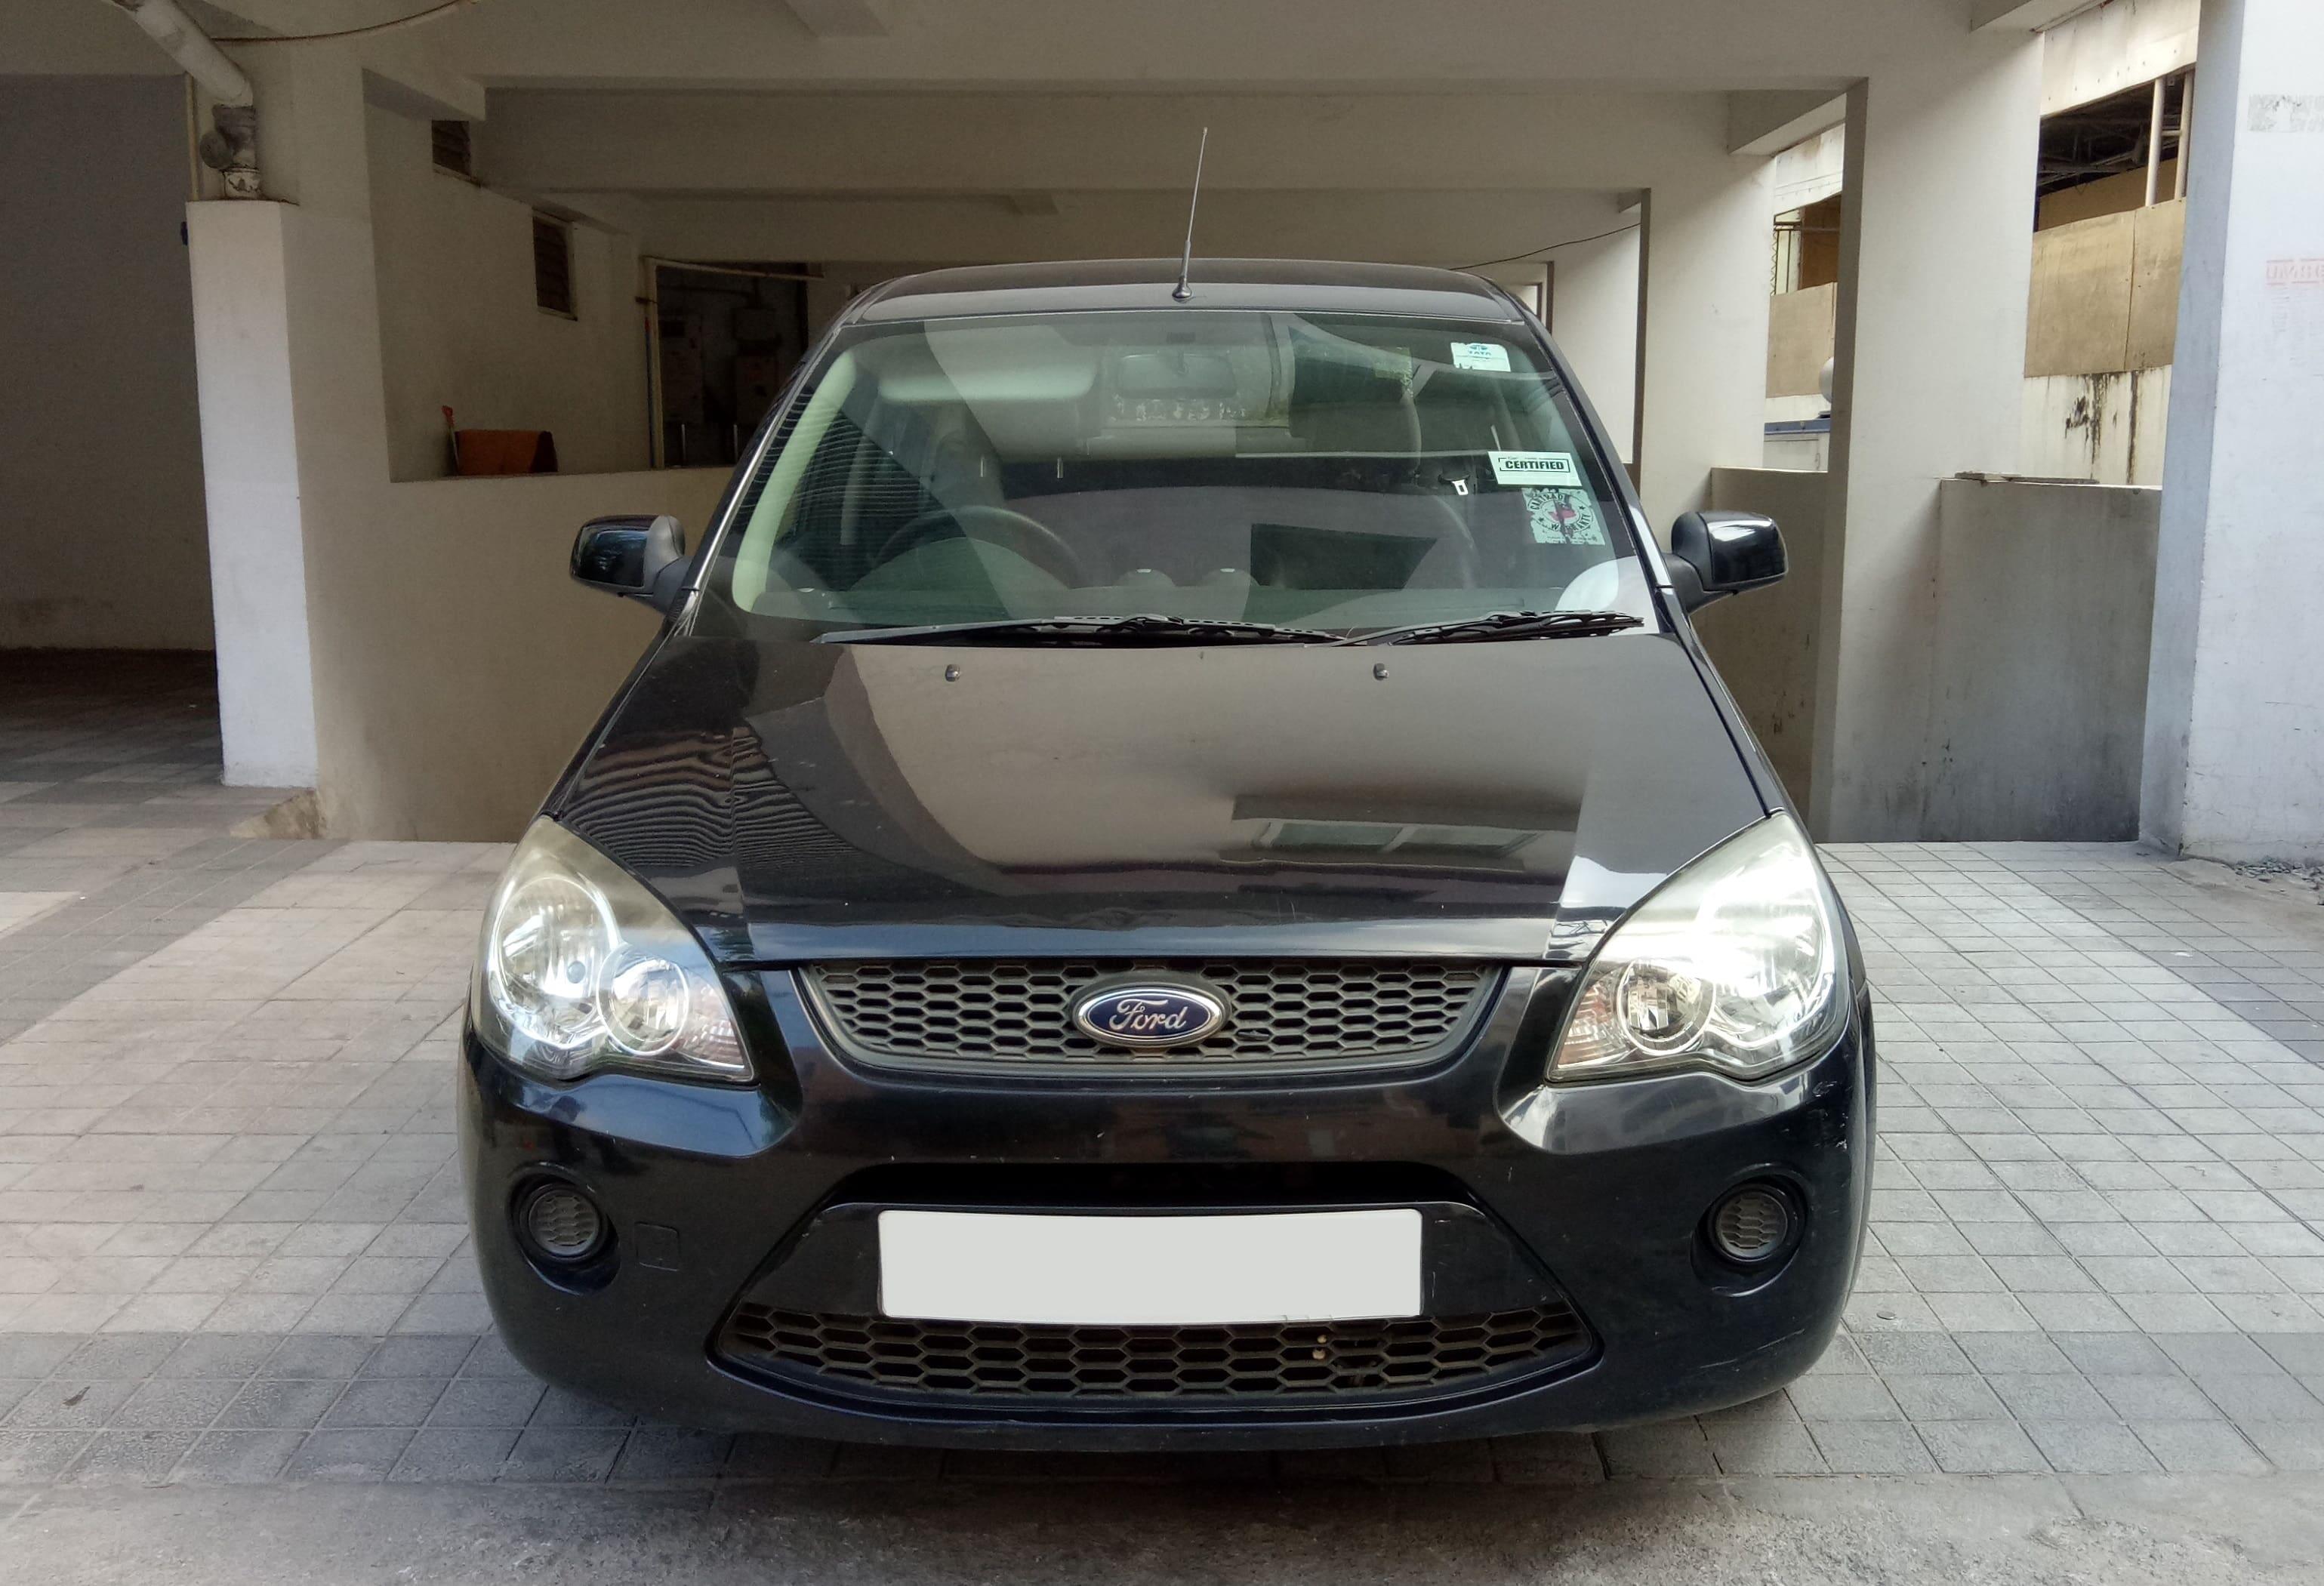 Ford Fiesta 2008-2011 EXi 1.4 TDCi Ltd